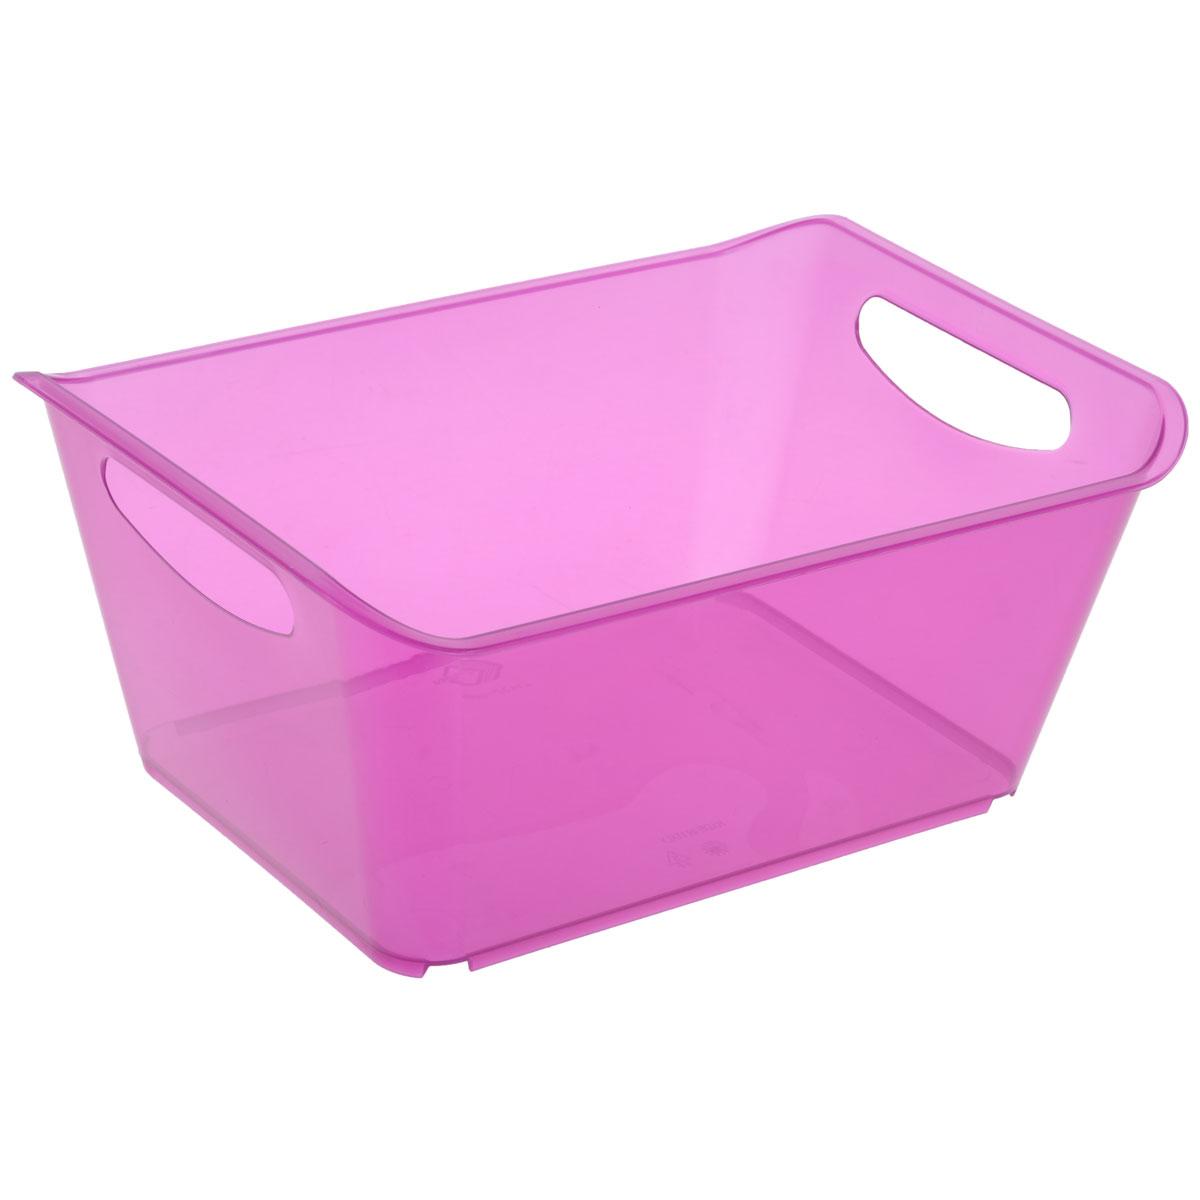 Контейнер Gensini, цвет: сиреневый, 10 л контейнер gensini цвет сиреневый 10 л